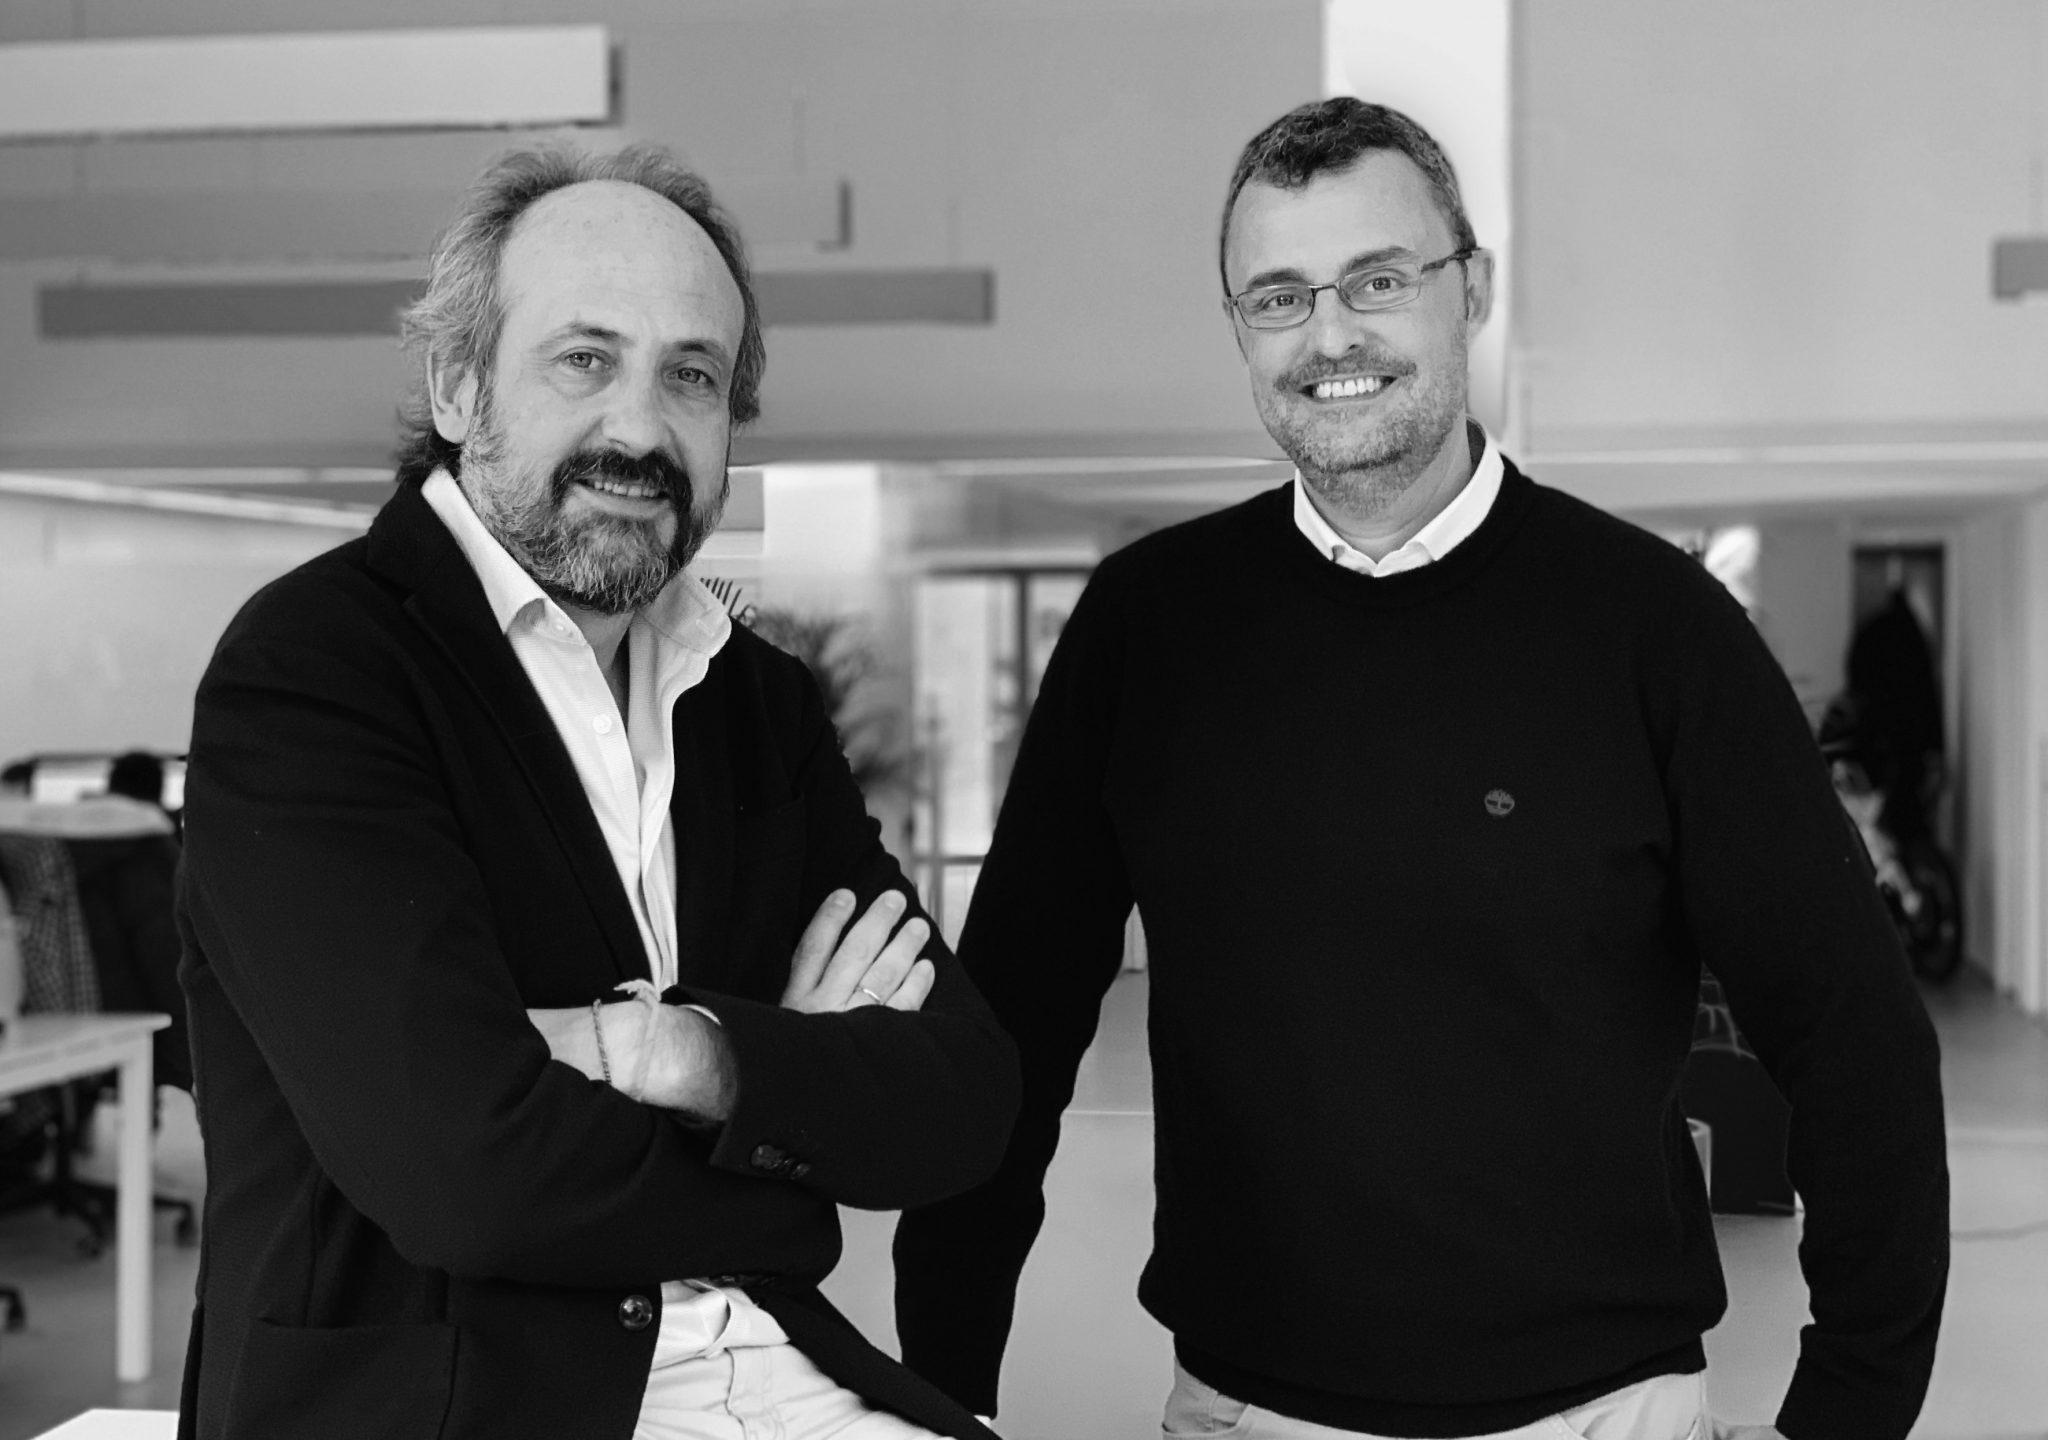 Álvaro Villarjubín, CEO de Padre Group, y Paco Ribera, managing director de September